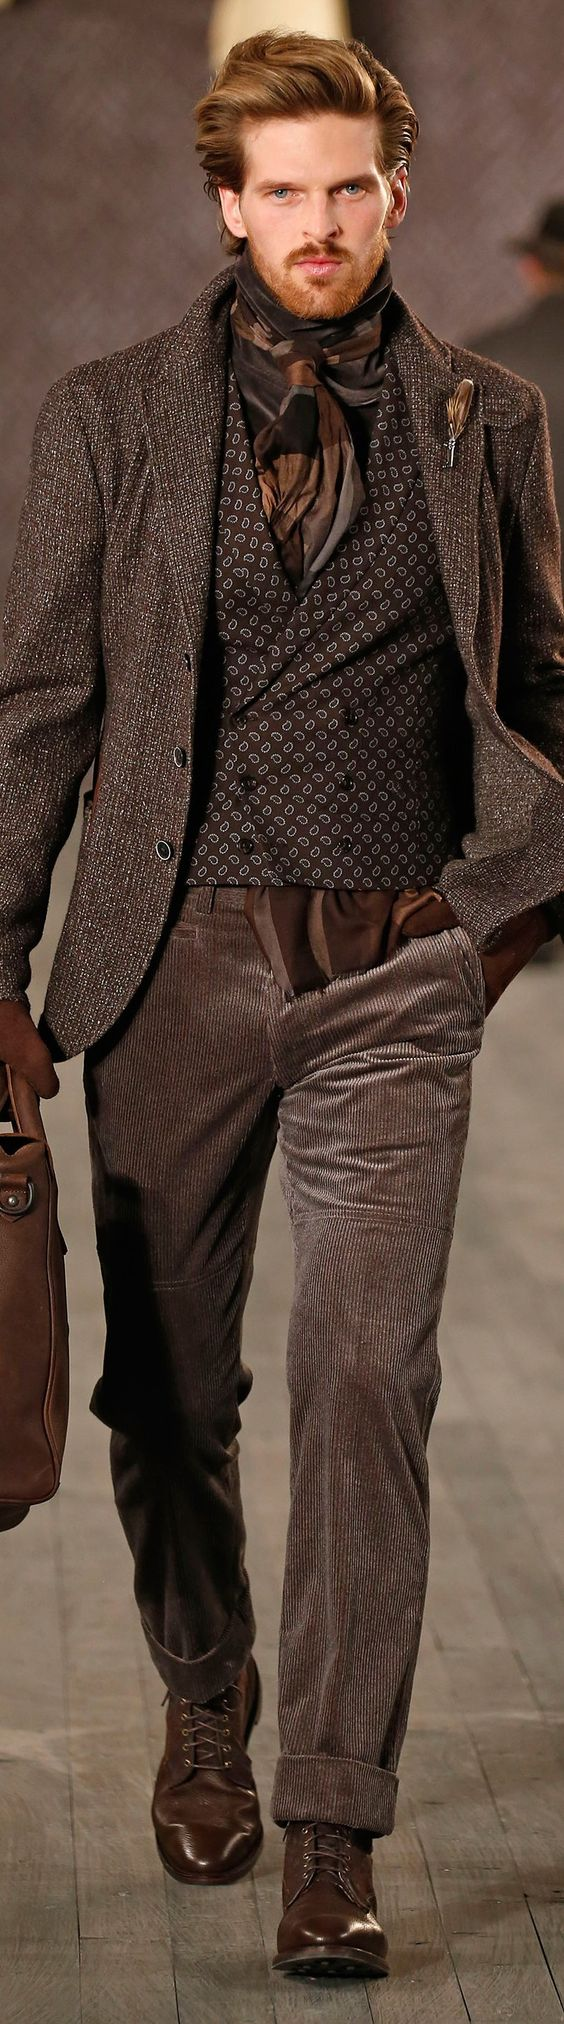 Extrem cooles - und leider nur bedingt tragbares - Herbstoutfit im Countrystyle in braun. | Joseph Abboud